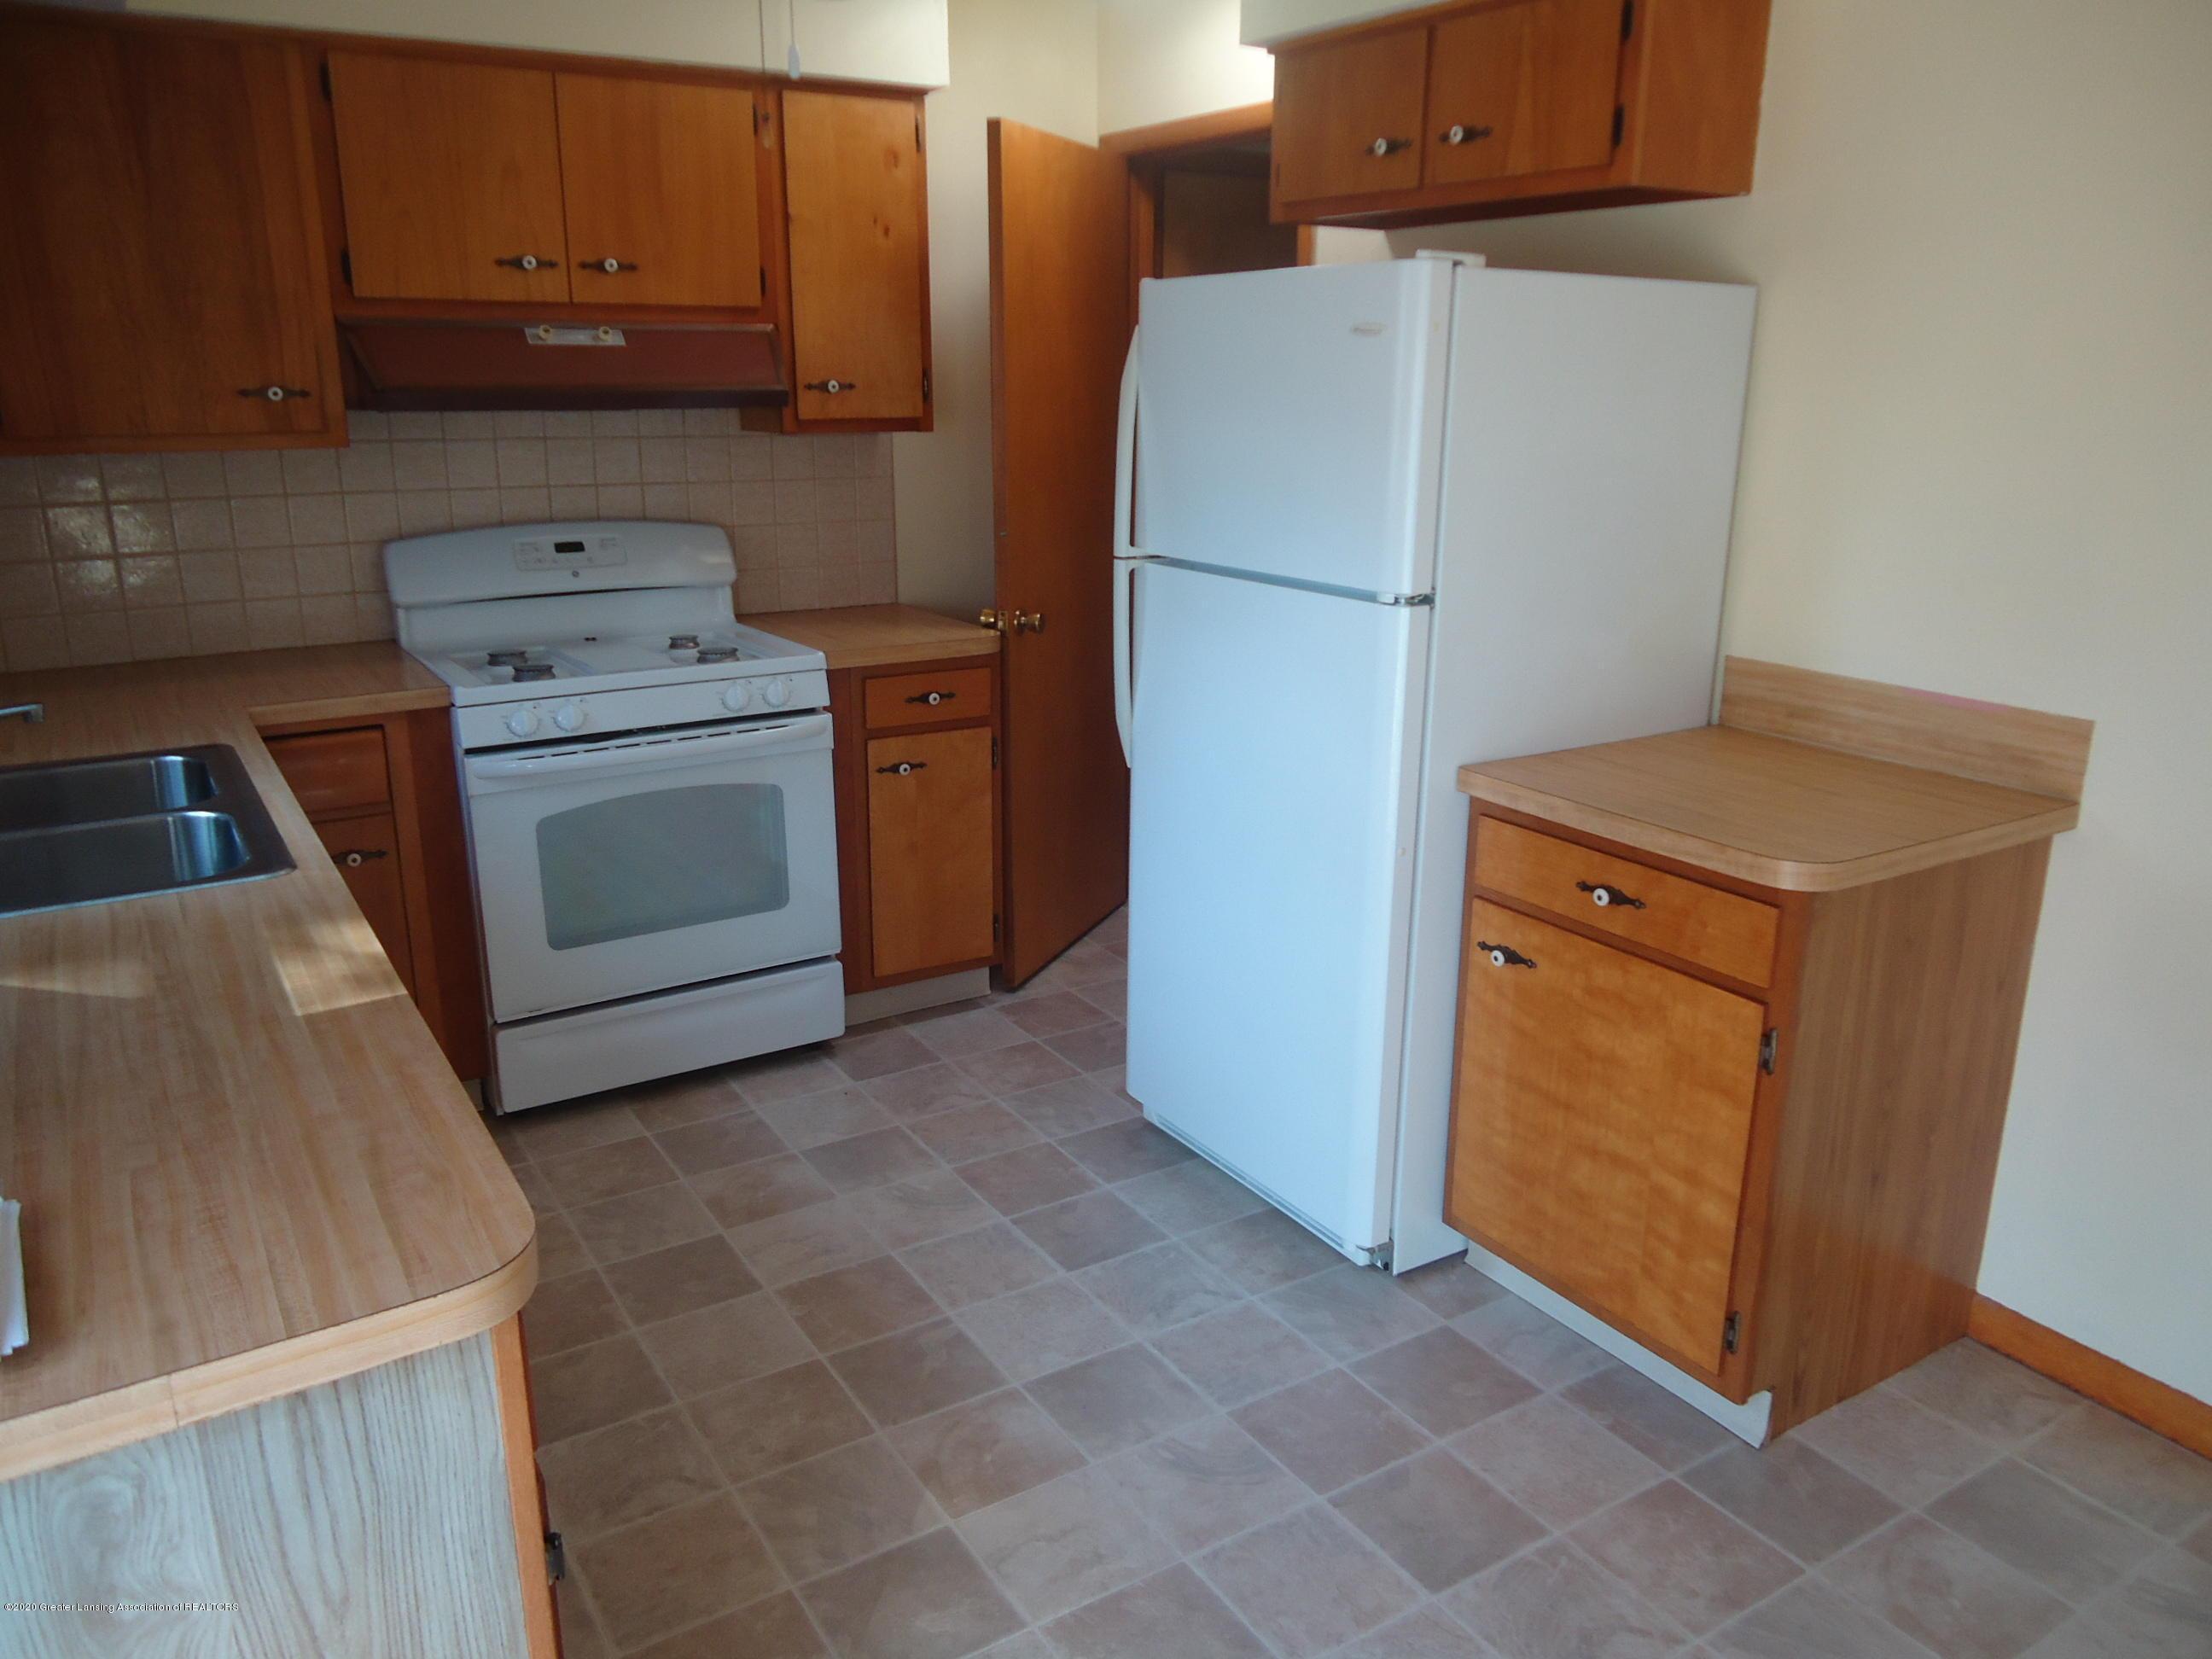 745 Cherry St - 6 Kitchen - 6